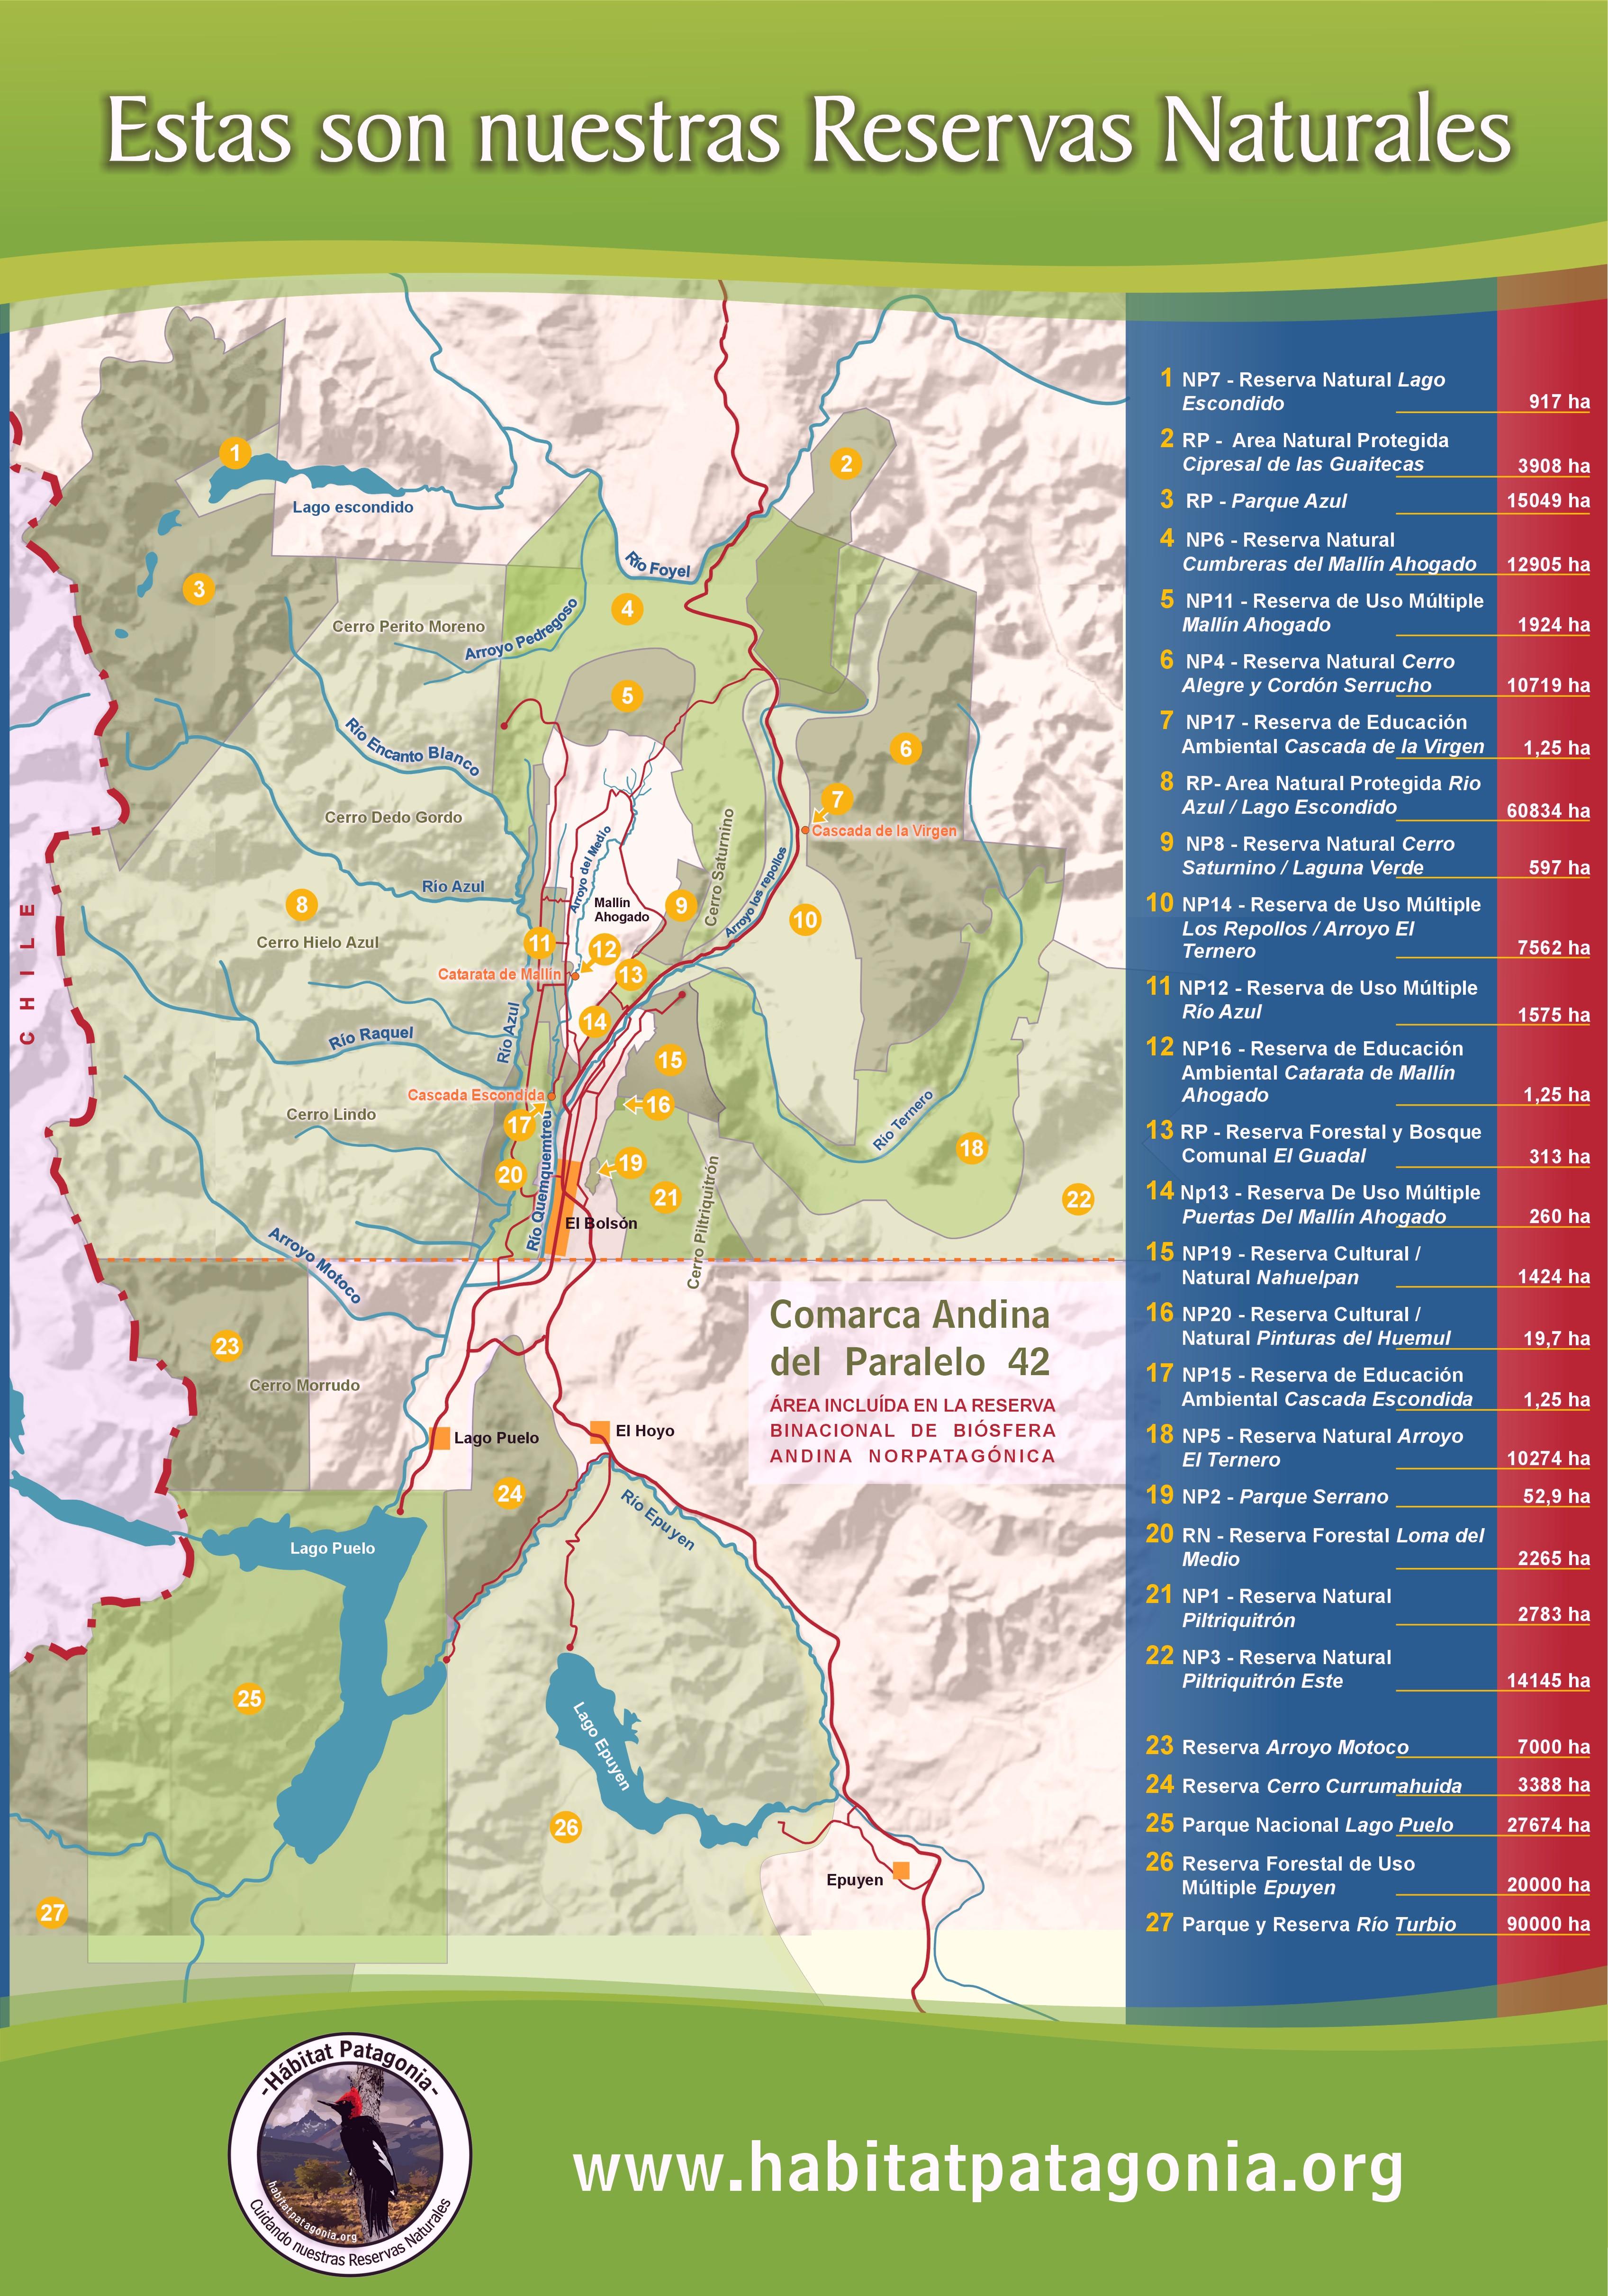 Reservas Naturales y Áreas Protegidas del Nor Oeste Patagonía